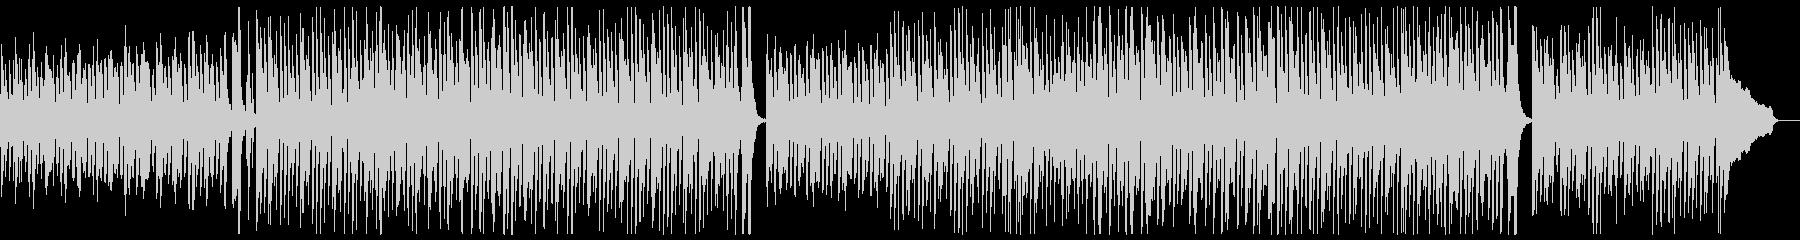 ポップピアノレクリエーション:高音弦無の未再生の波形